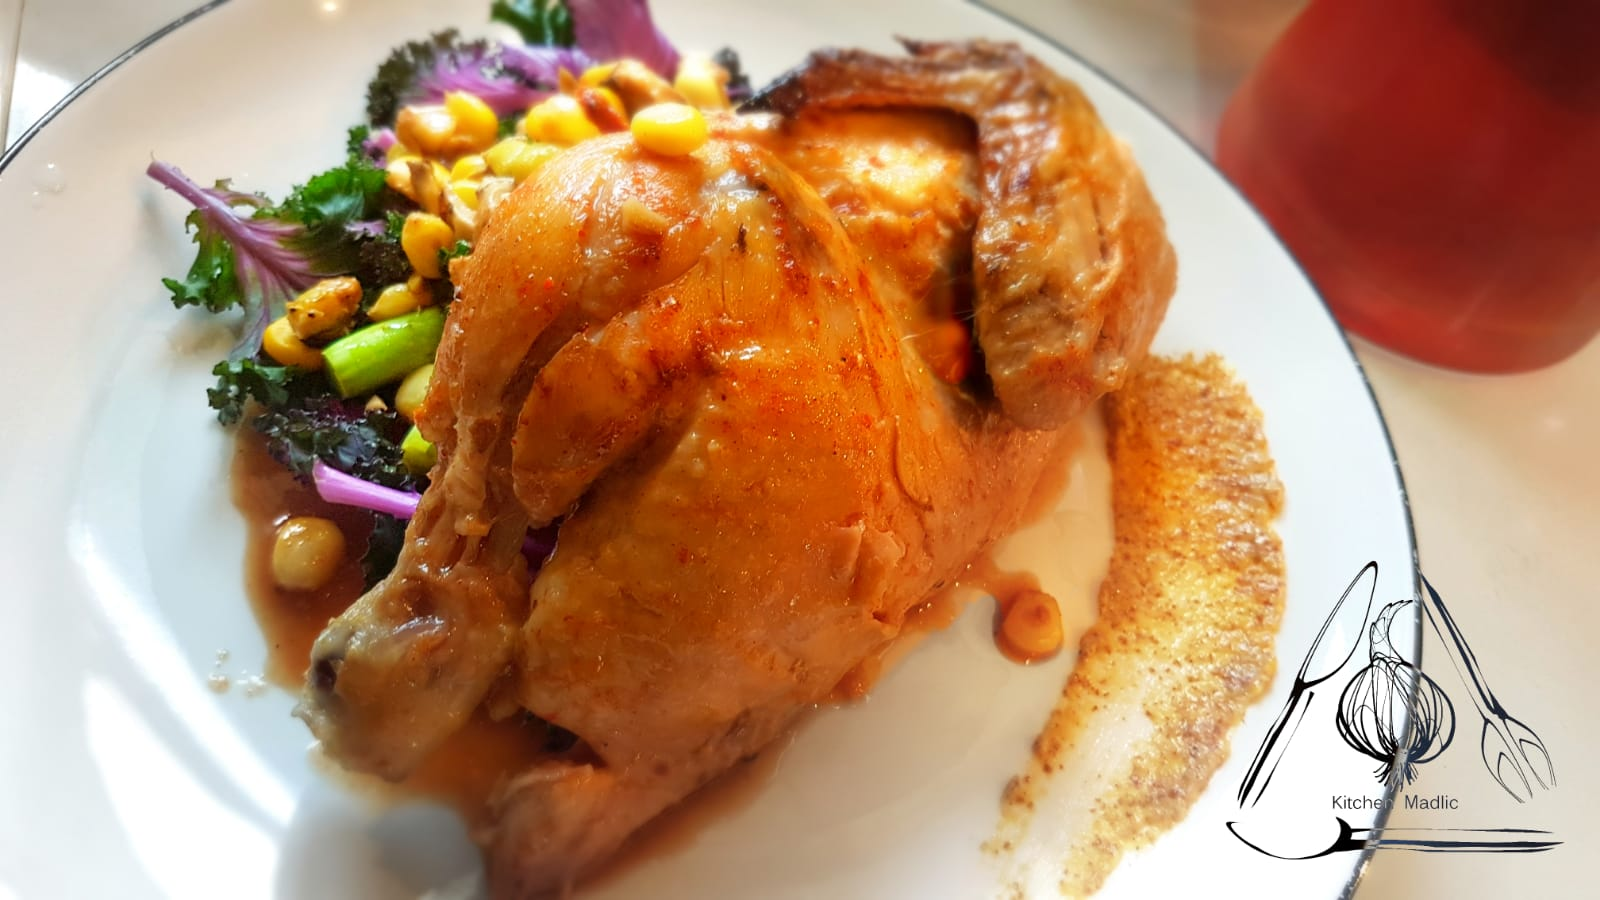 煙燻甜椒烤法國春雞。(Kitchen Madlic提供)